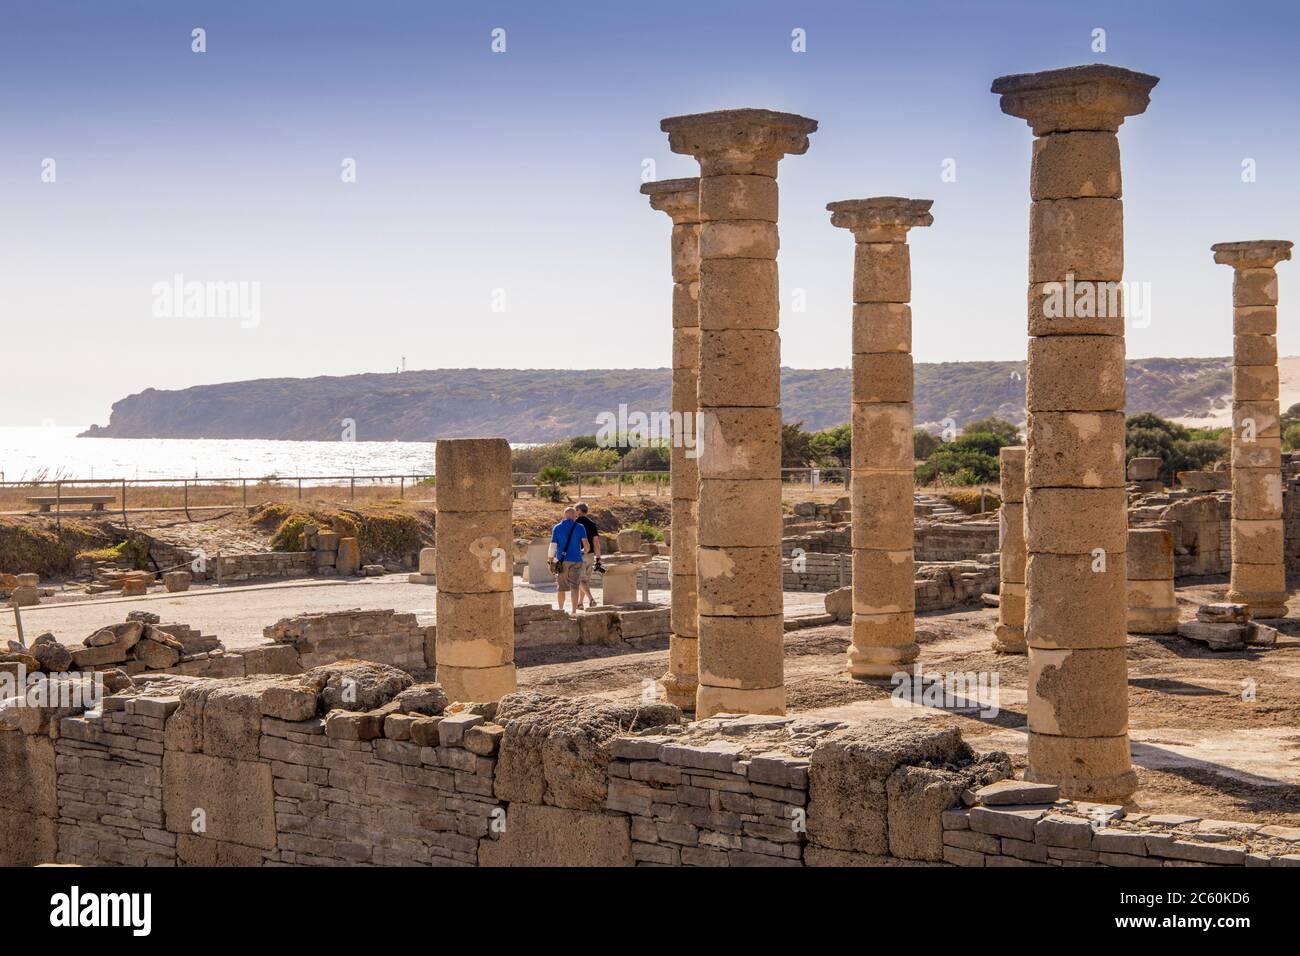 Musée et ruines d'une ville romaine, Baelo Claudia, Cadix, Espagne, le 10 octobre 2017. Banque D'Images